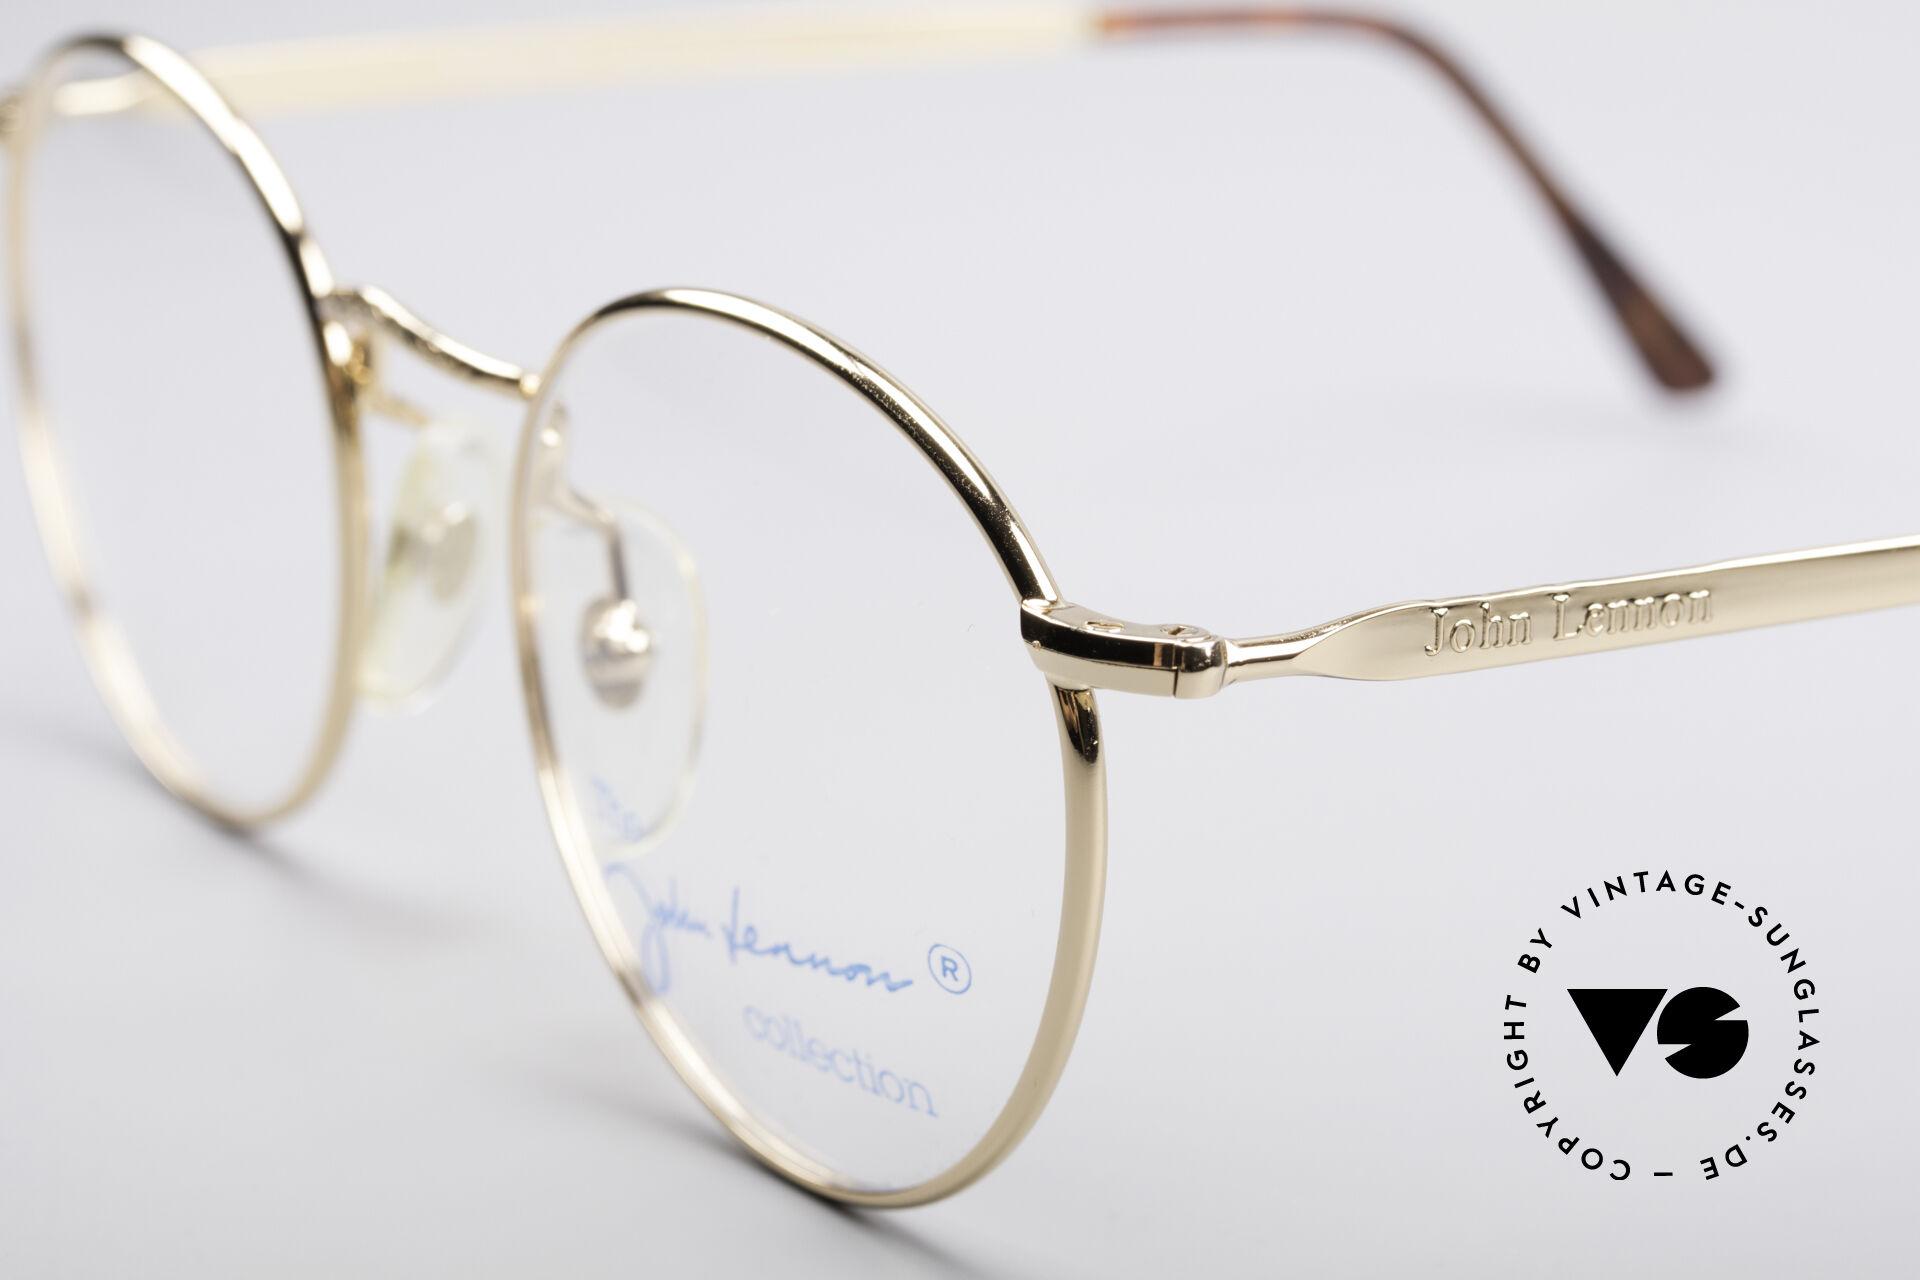 John Lennon - Imagine Kleine Runde Vintage Brille, legendärer; unverwechselbarer John LENNON Look, Passend für Herren und Damen